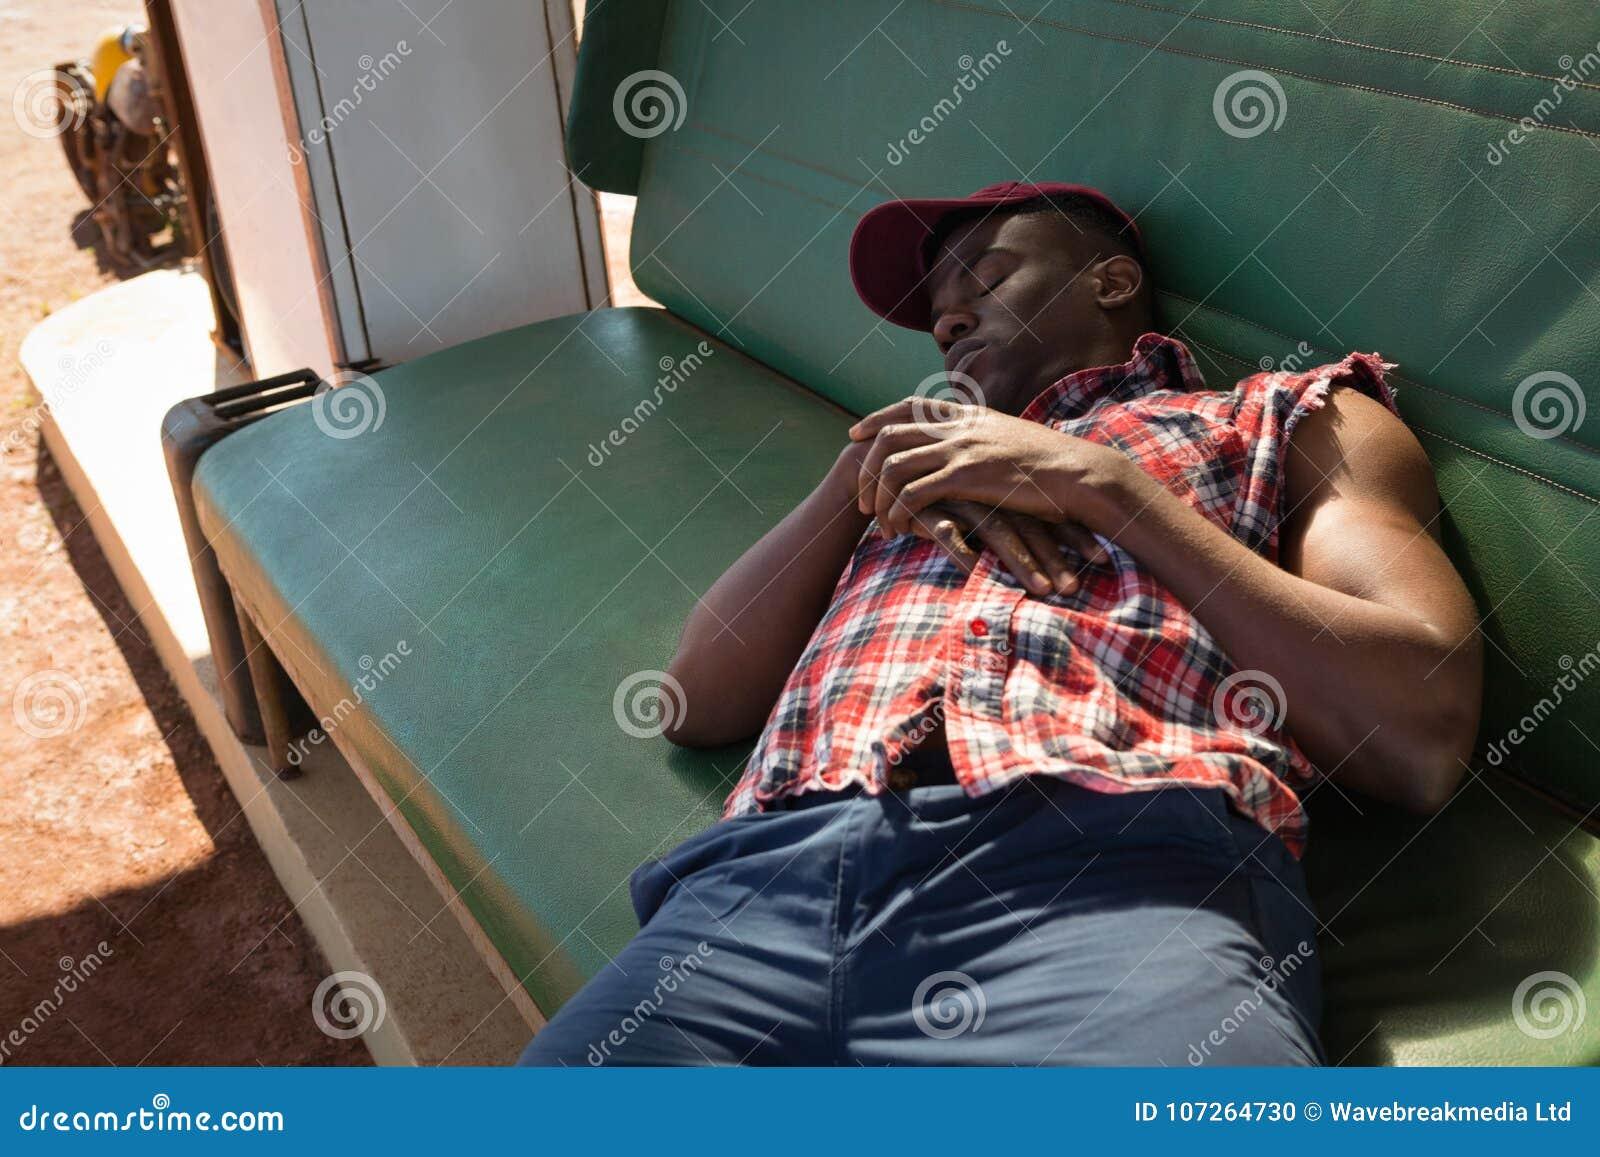 Man sleeping at petrol pump station